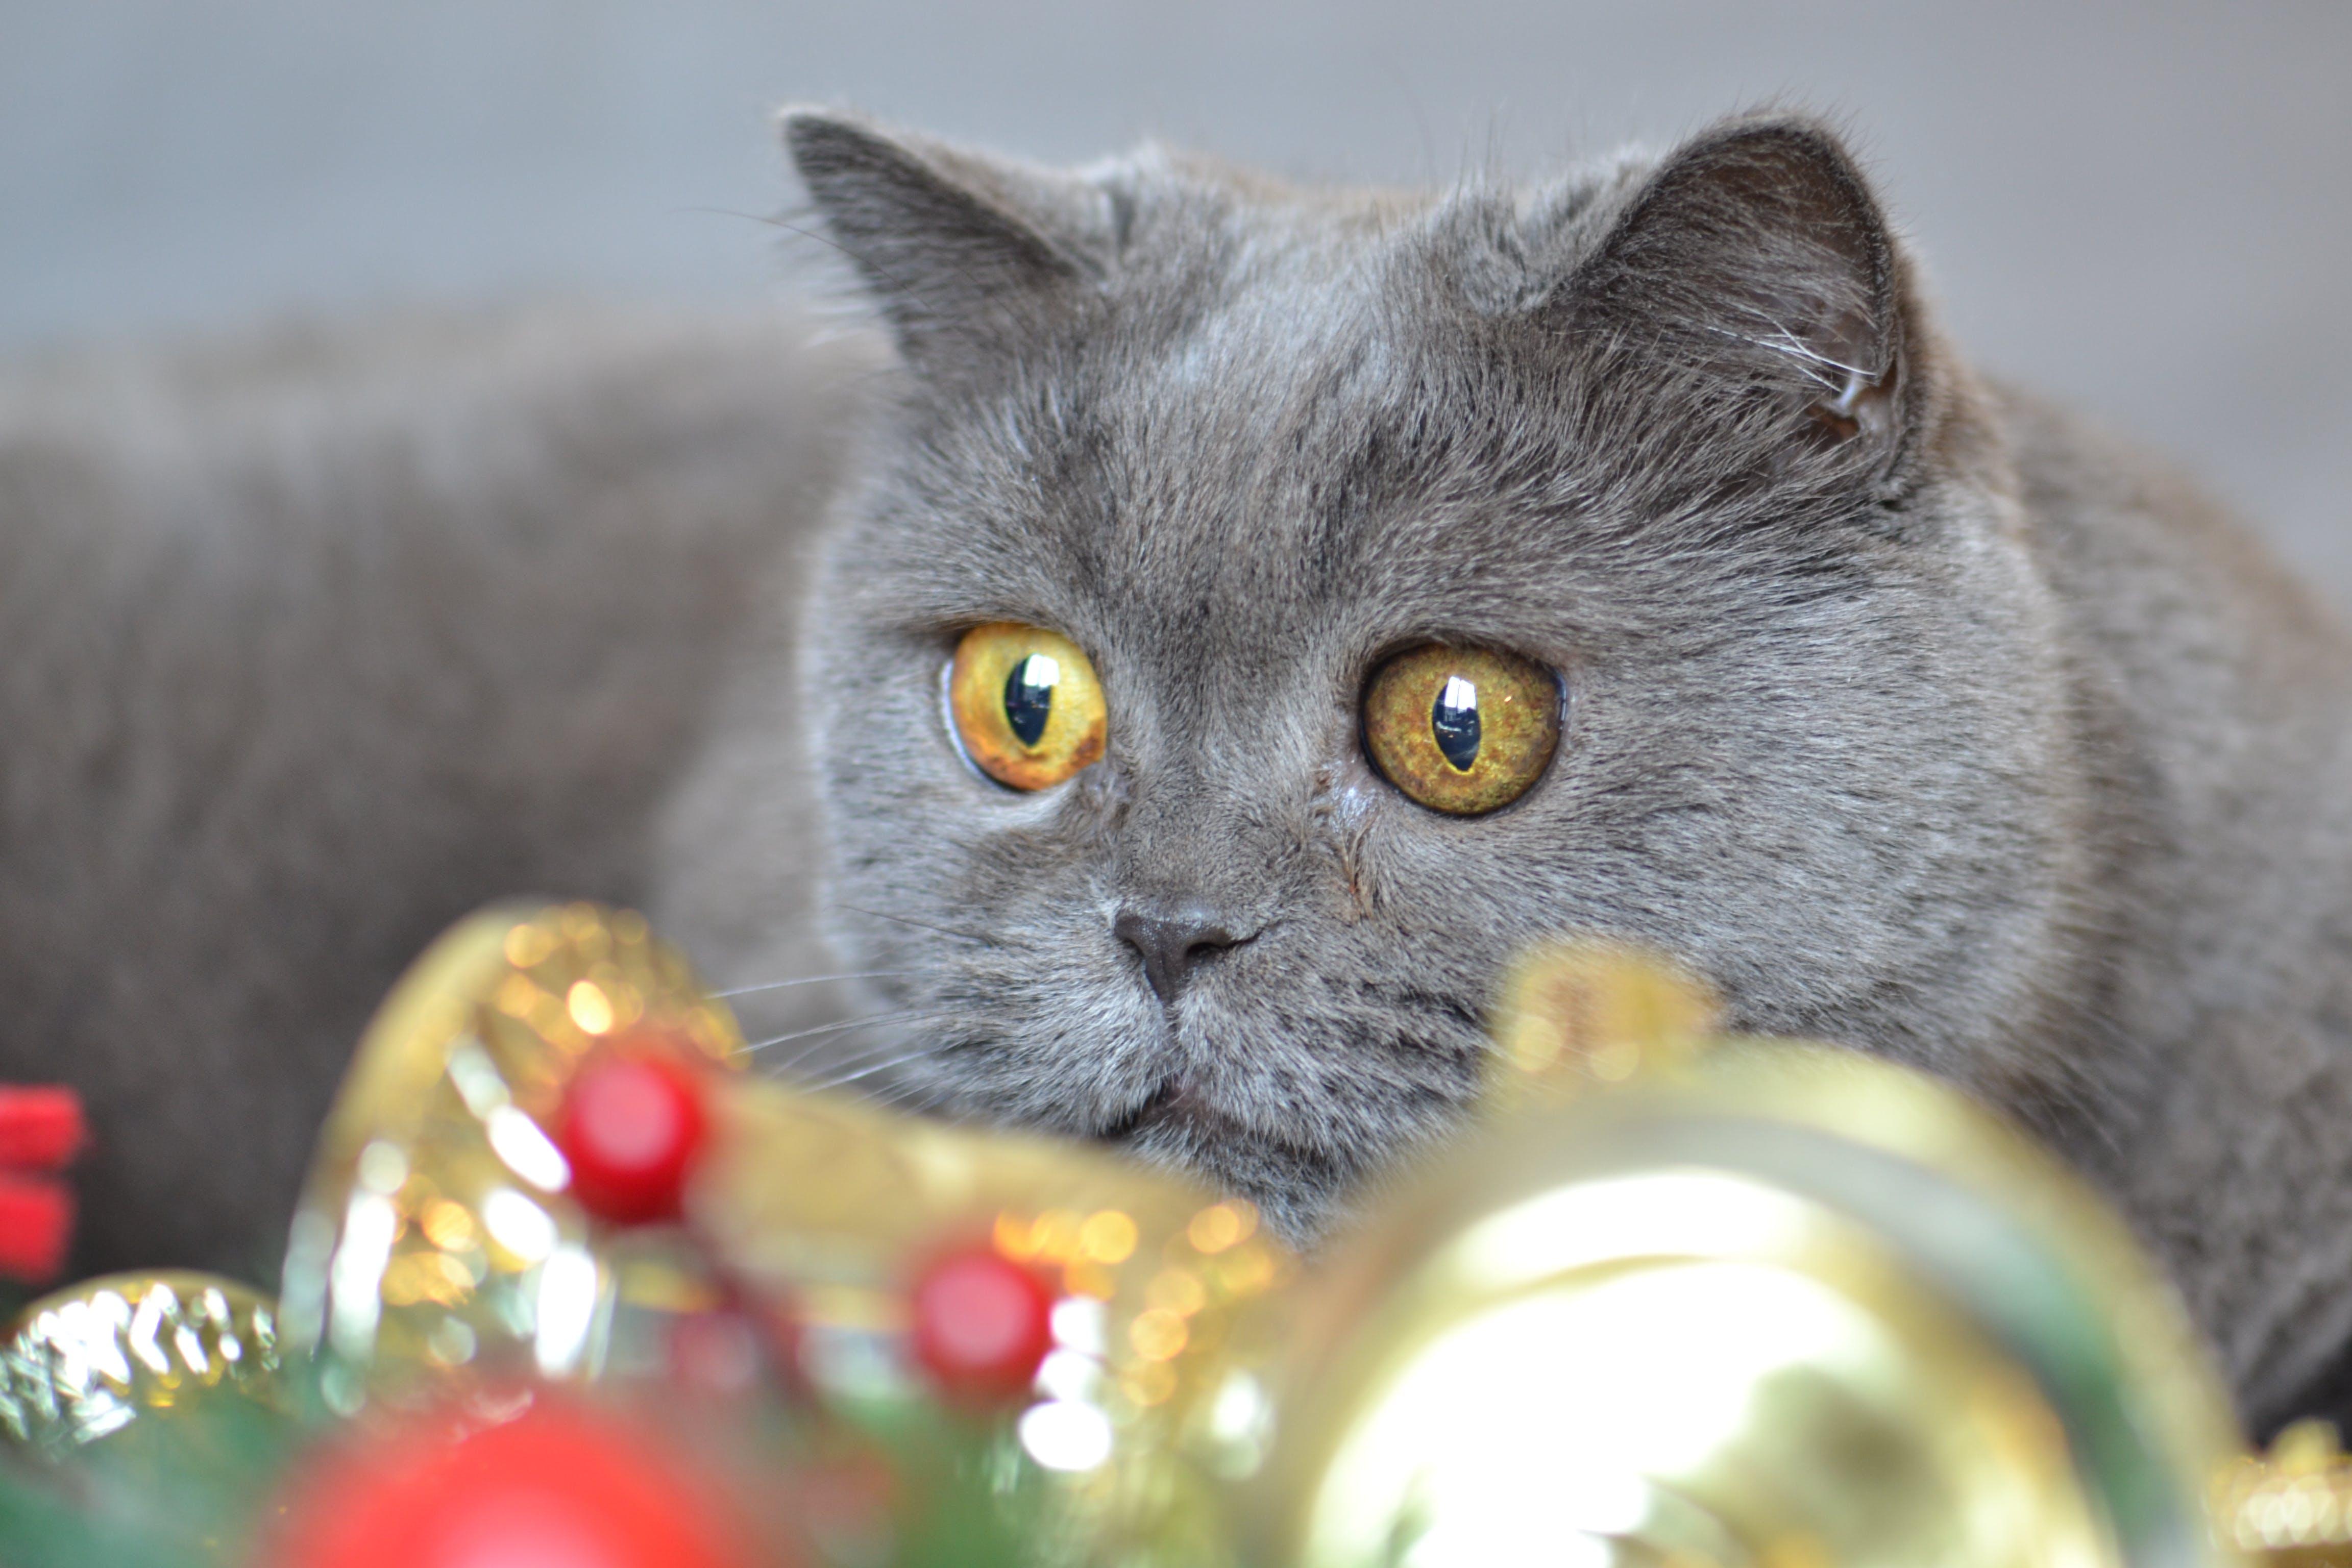 고양이, 고양이 눈, 고양이 얼굴, 브리티시 쇼트헤어의 무료 스톡 사진